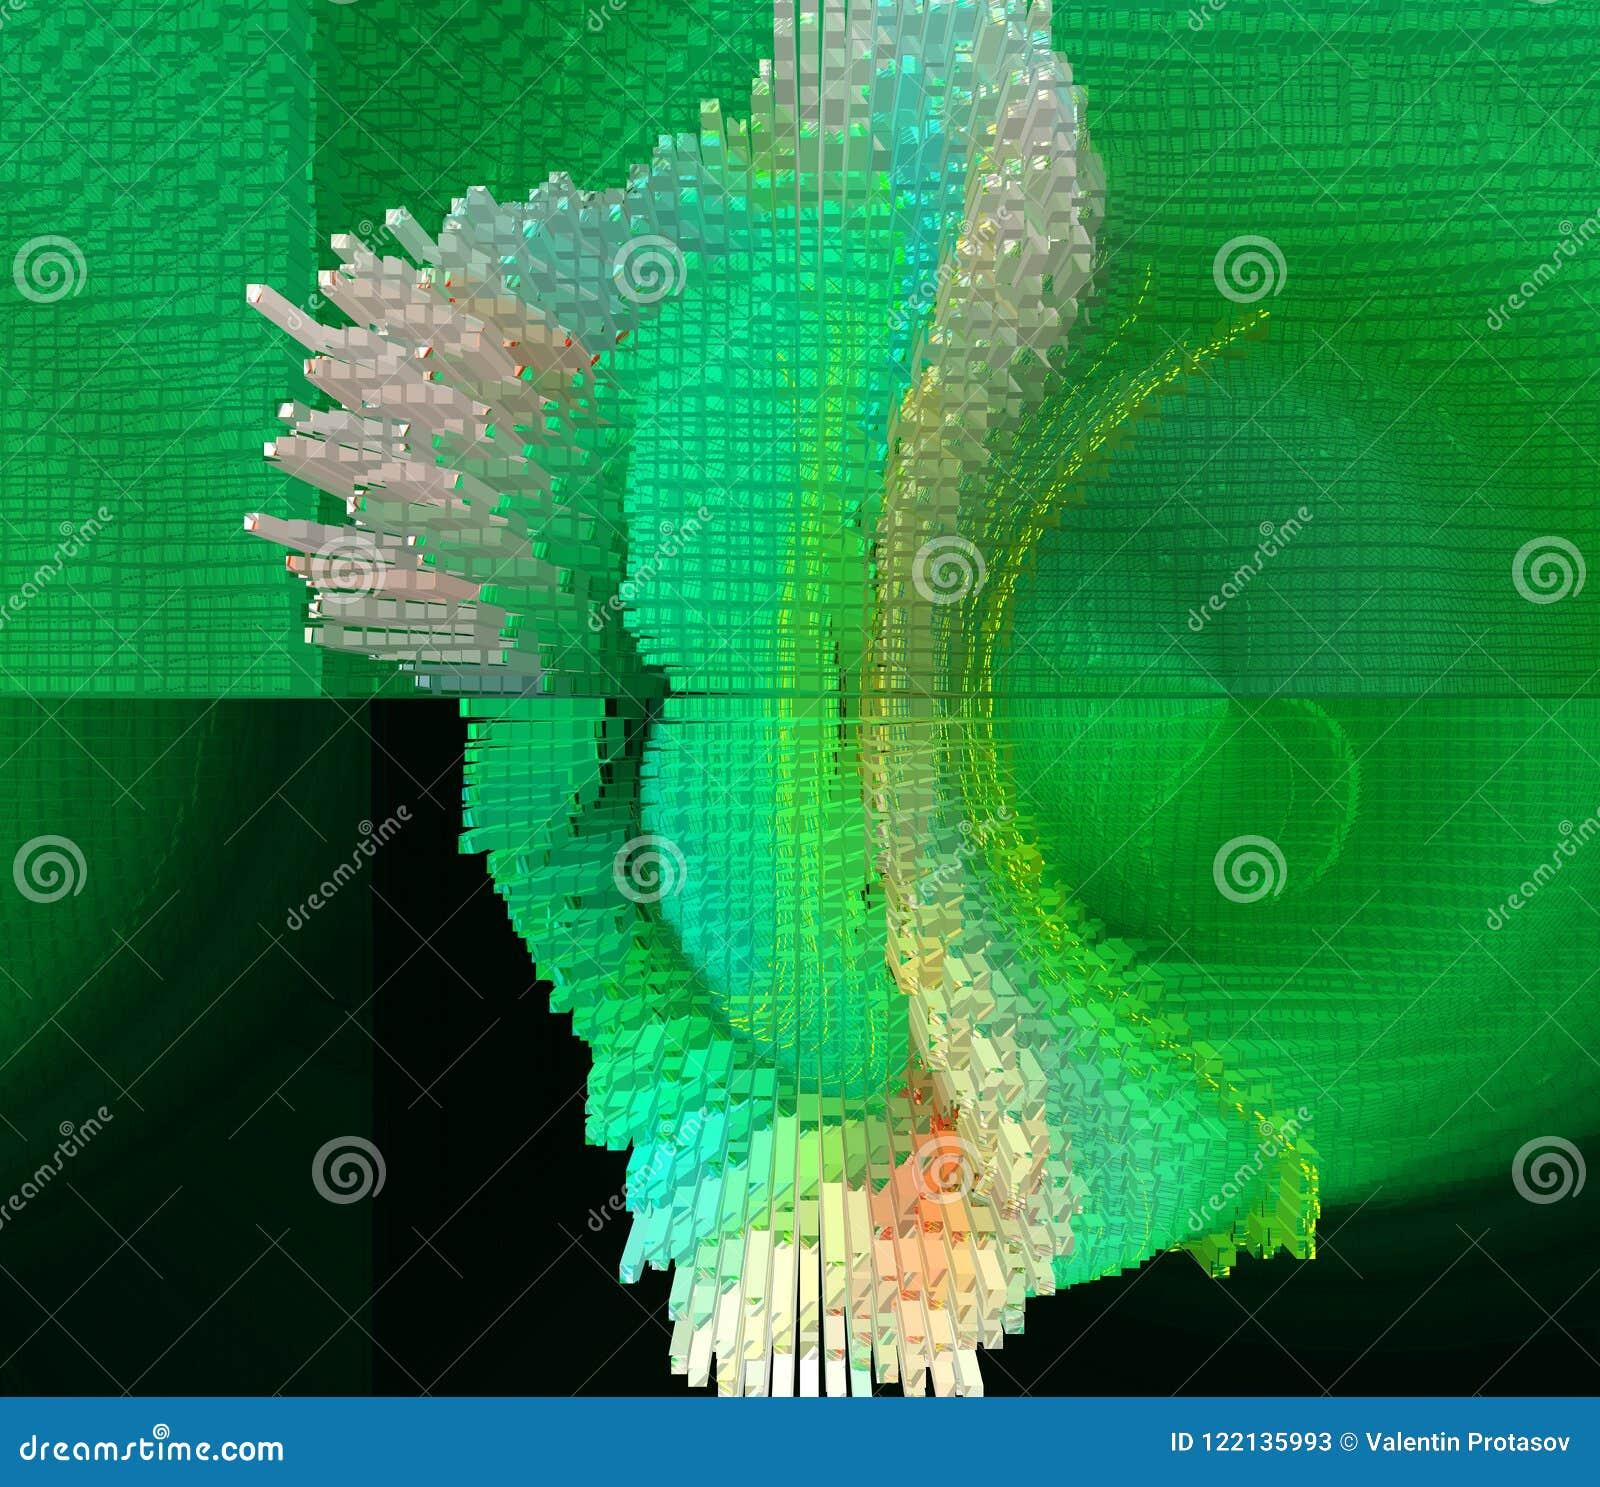 El diseño gráfico es abstracto Artes gráficos Abstracción Textura